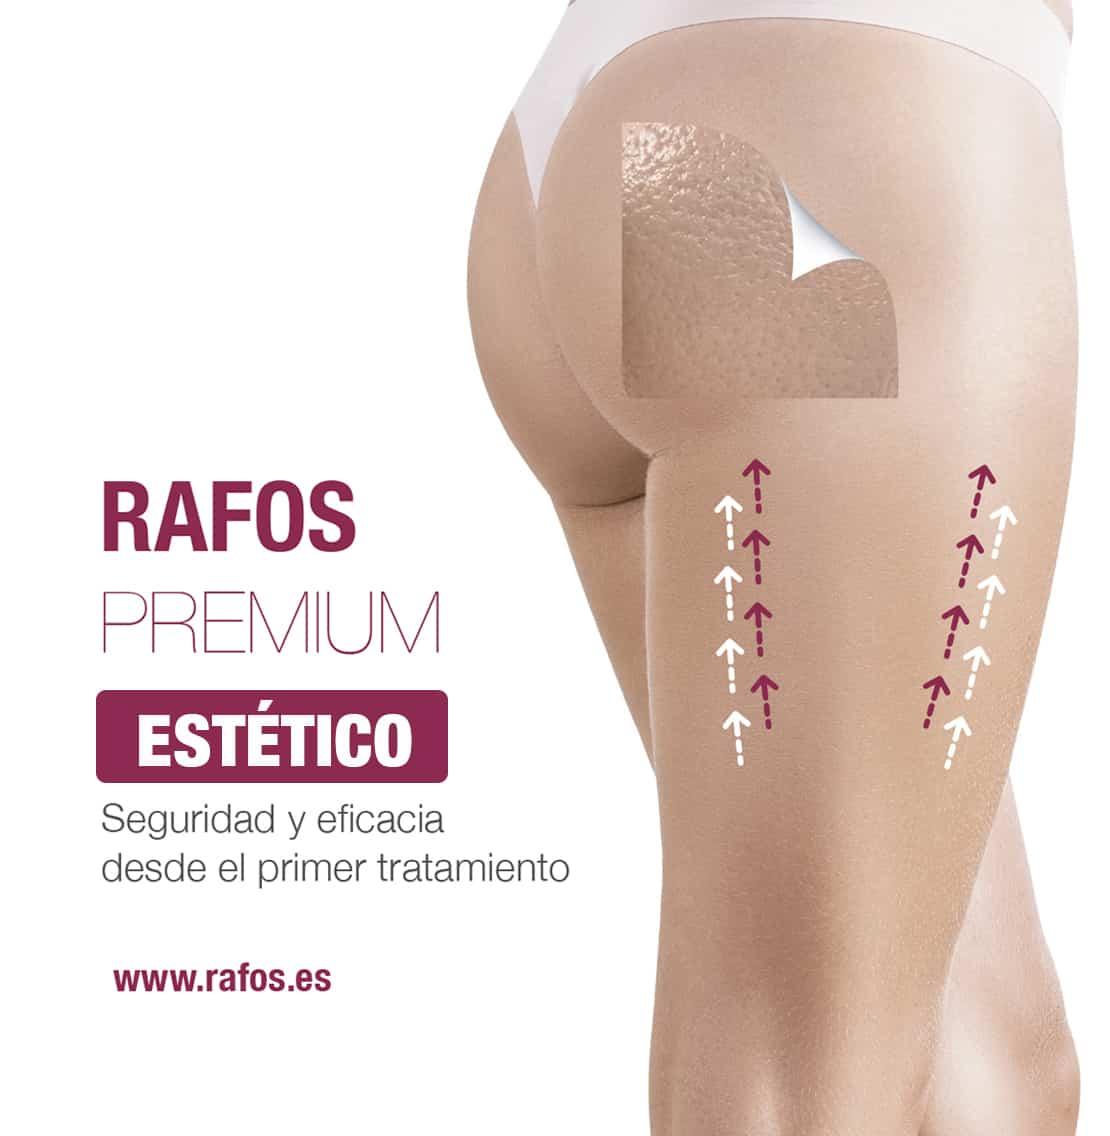 rafos premium estetico radiofrecuencia capacitiva, resistiva y tripolar. Belium Medical